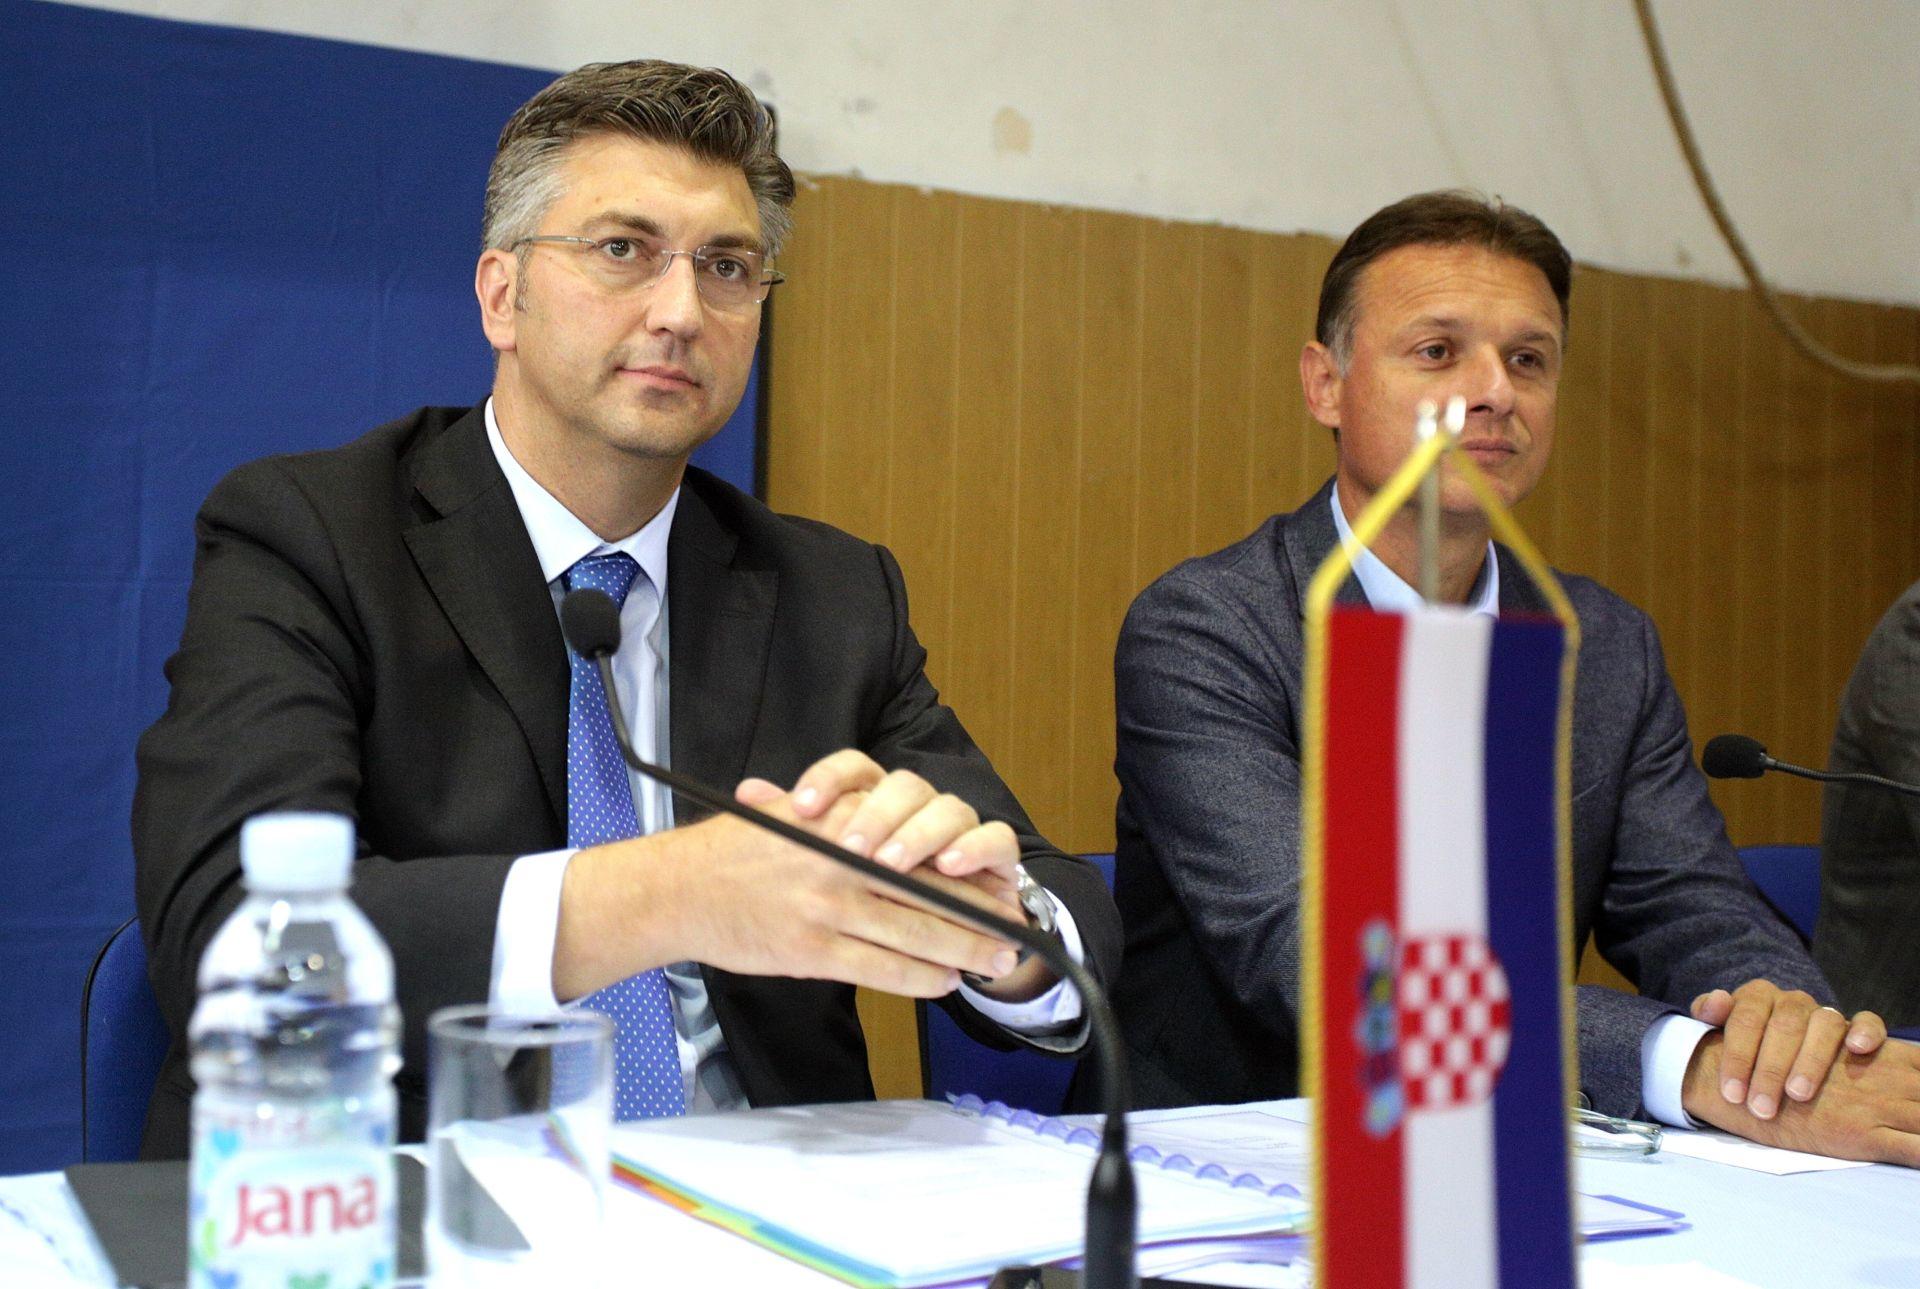 """PLENKOVIĆ """"Mailove nisam detaljno čitao""""; Jandroković """"Neki mailovi su se mogli izbjeći"""""""